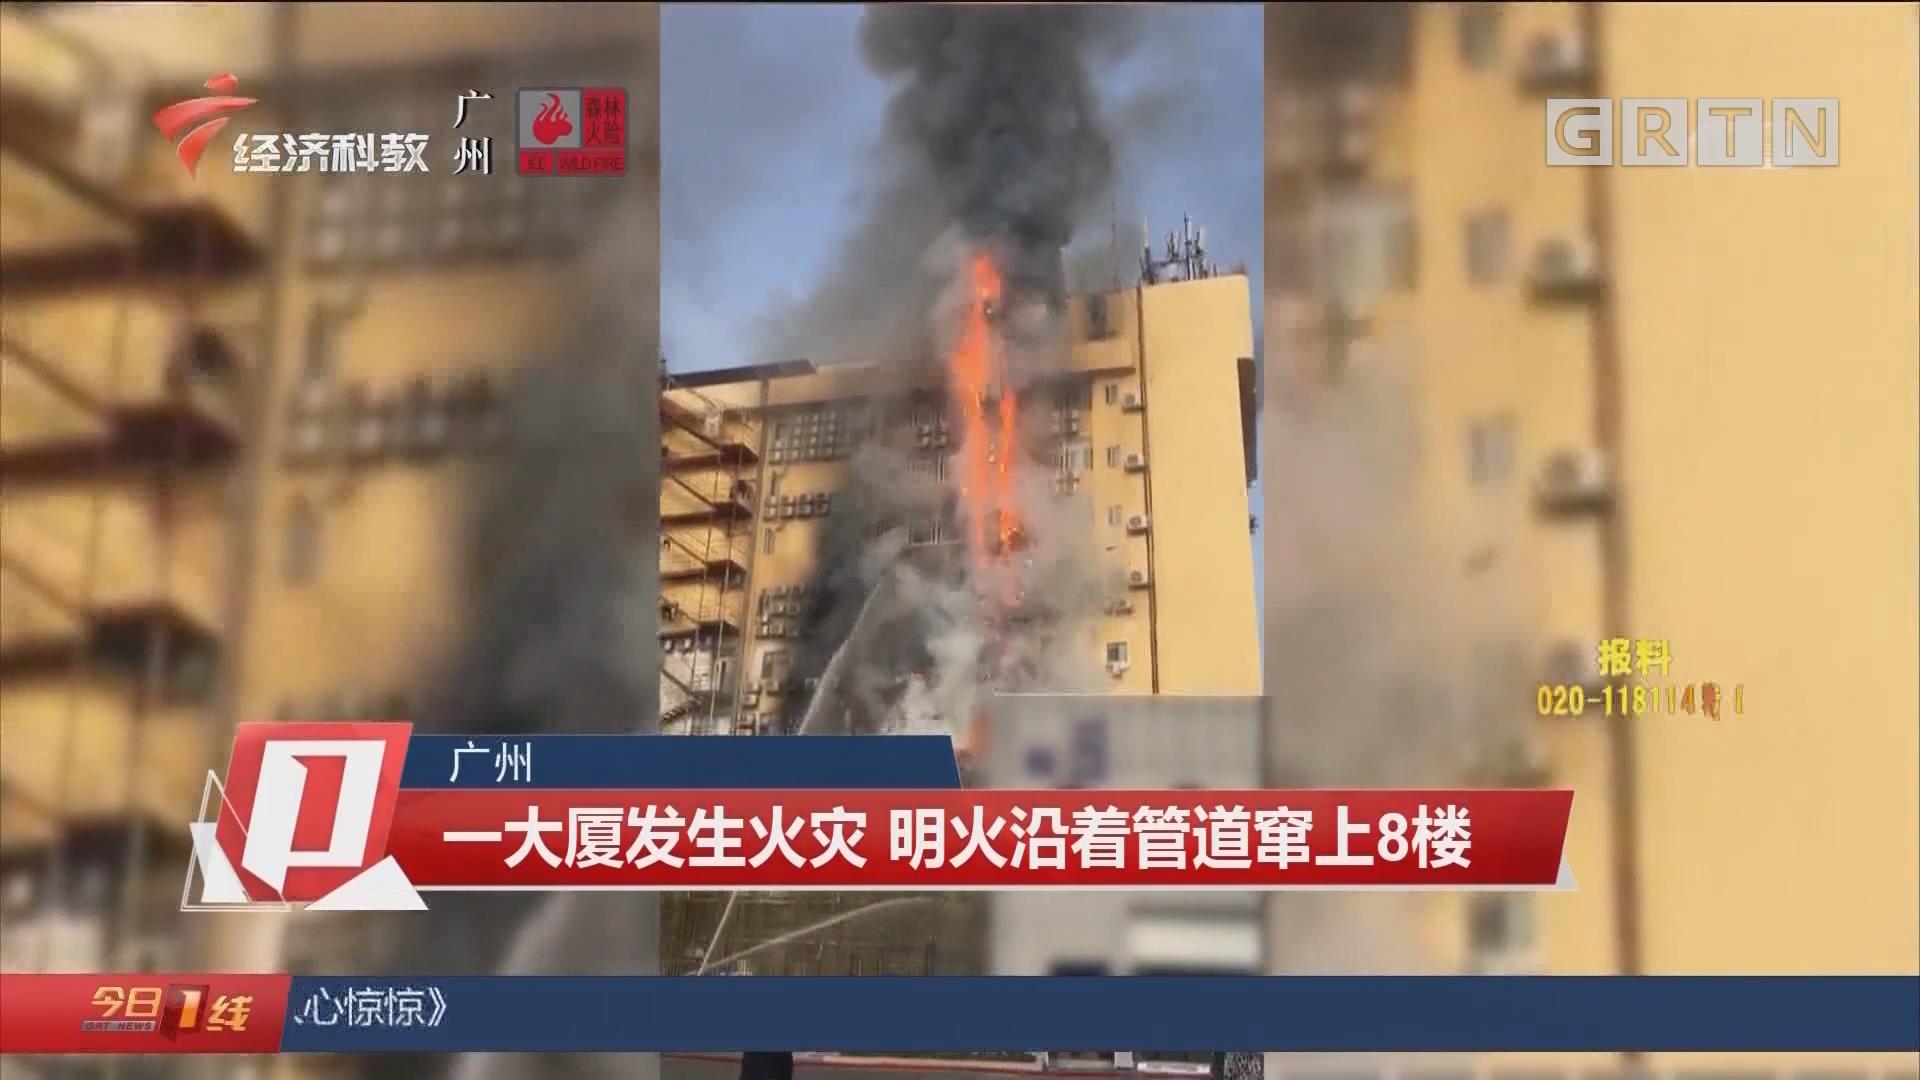 广州 一大厦发生火灾 明火沿着管道窜上8楼